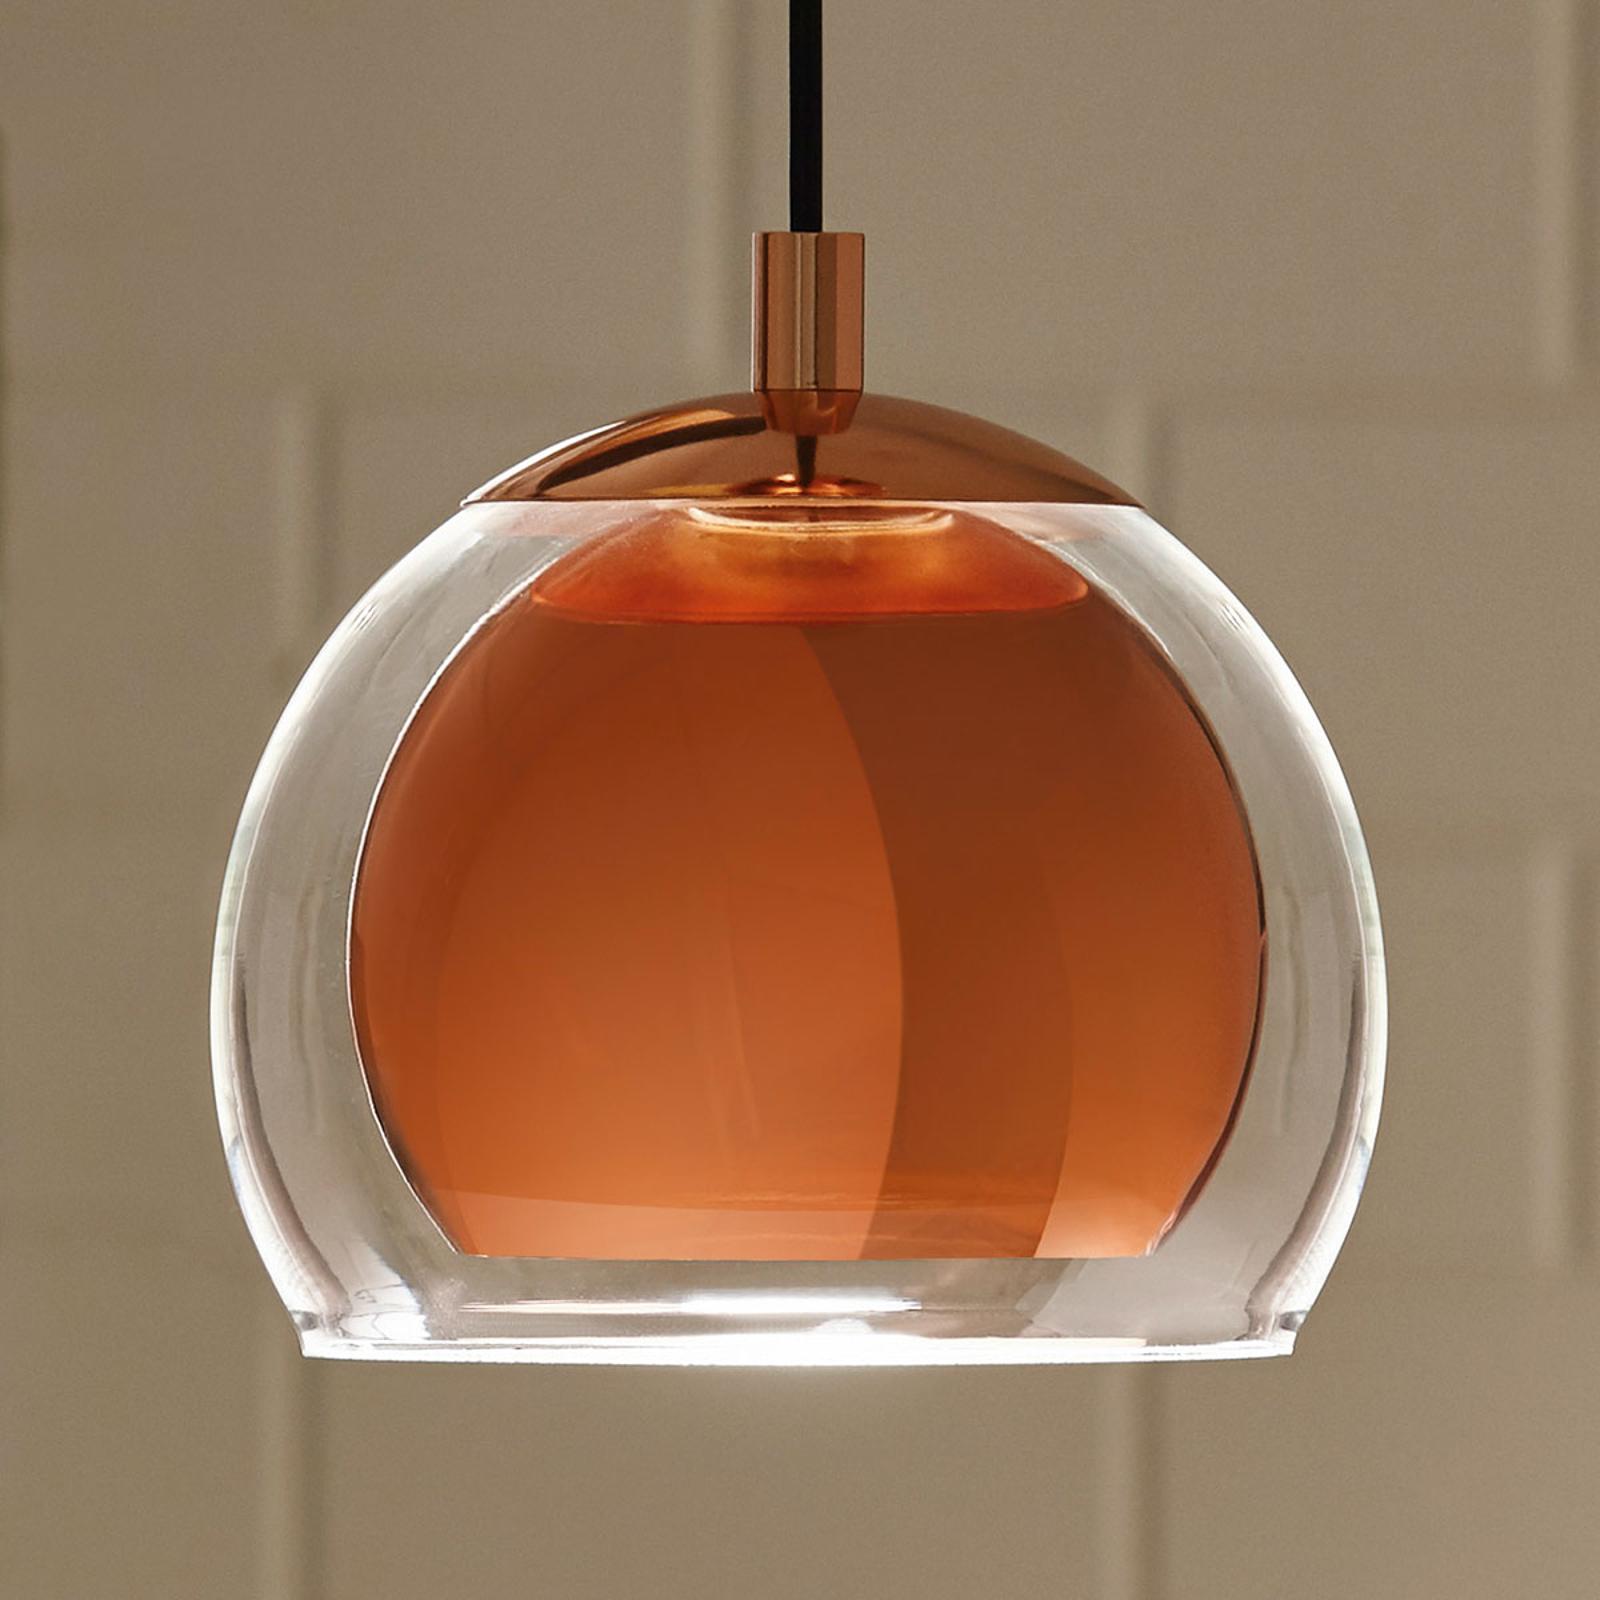 Závesná lampa Rocamar, 1-plameňová v medenej_3031750_1